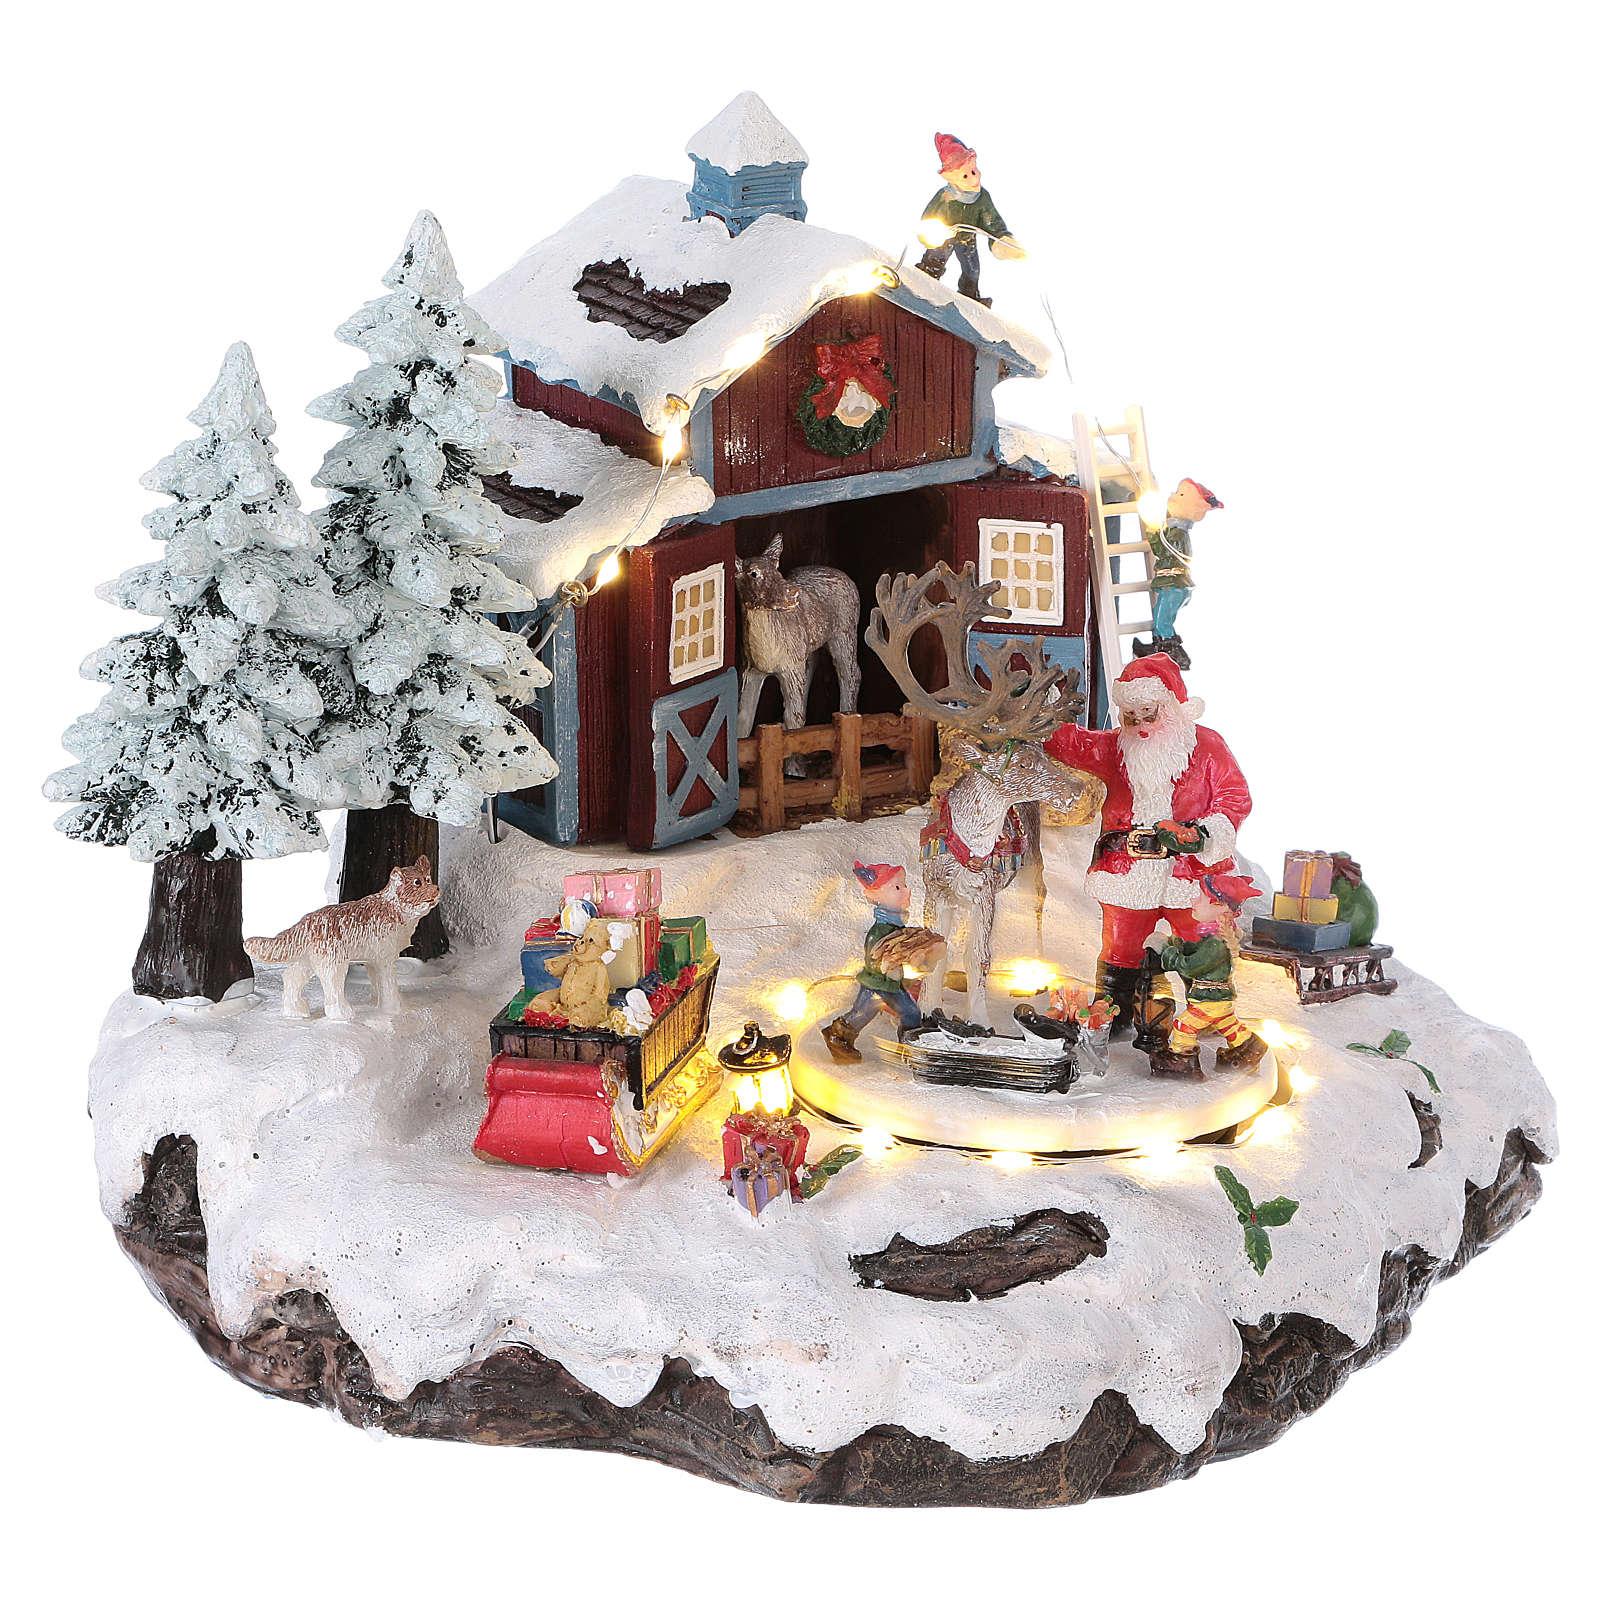 Villaggio di Natale Babbo Natale regali 20x25x20 cm luci movimento musica corrente 3